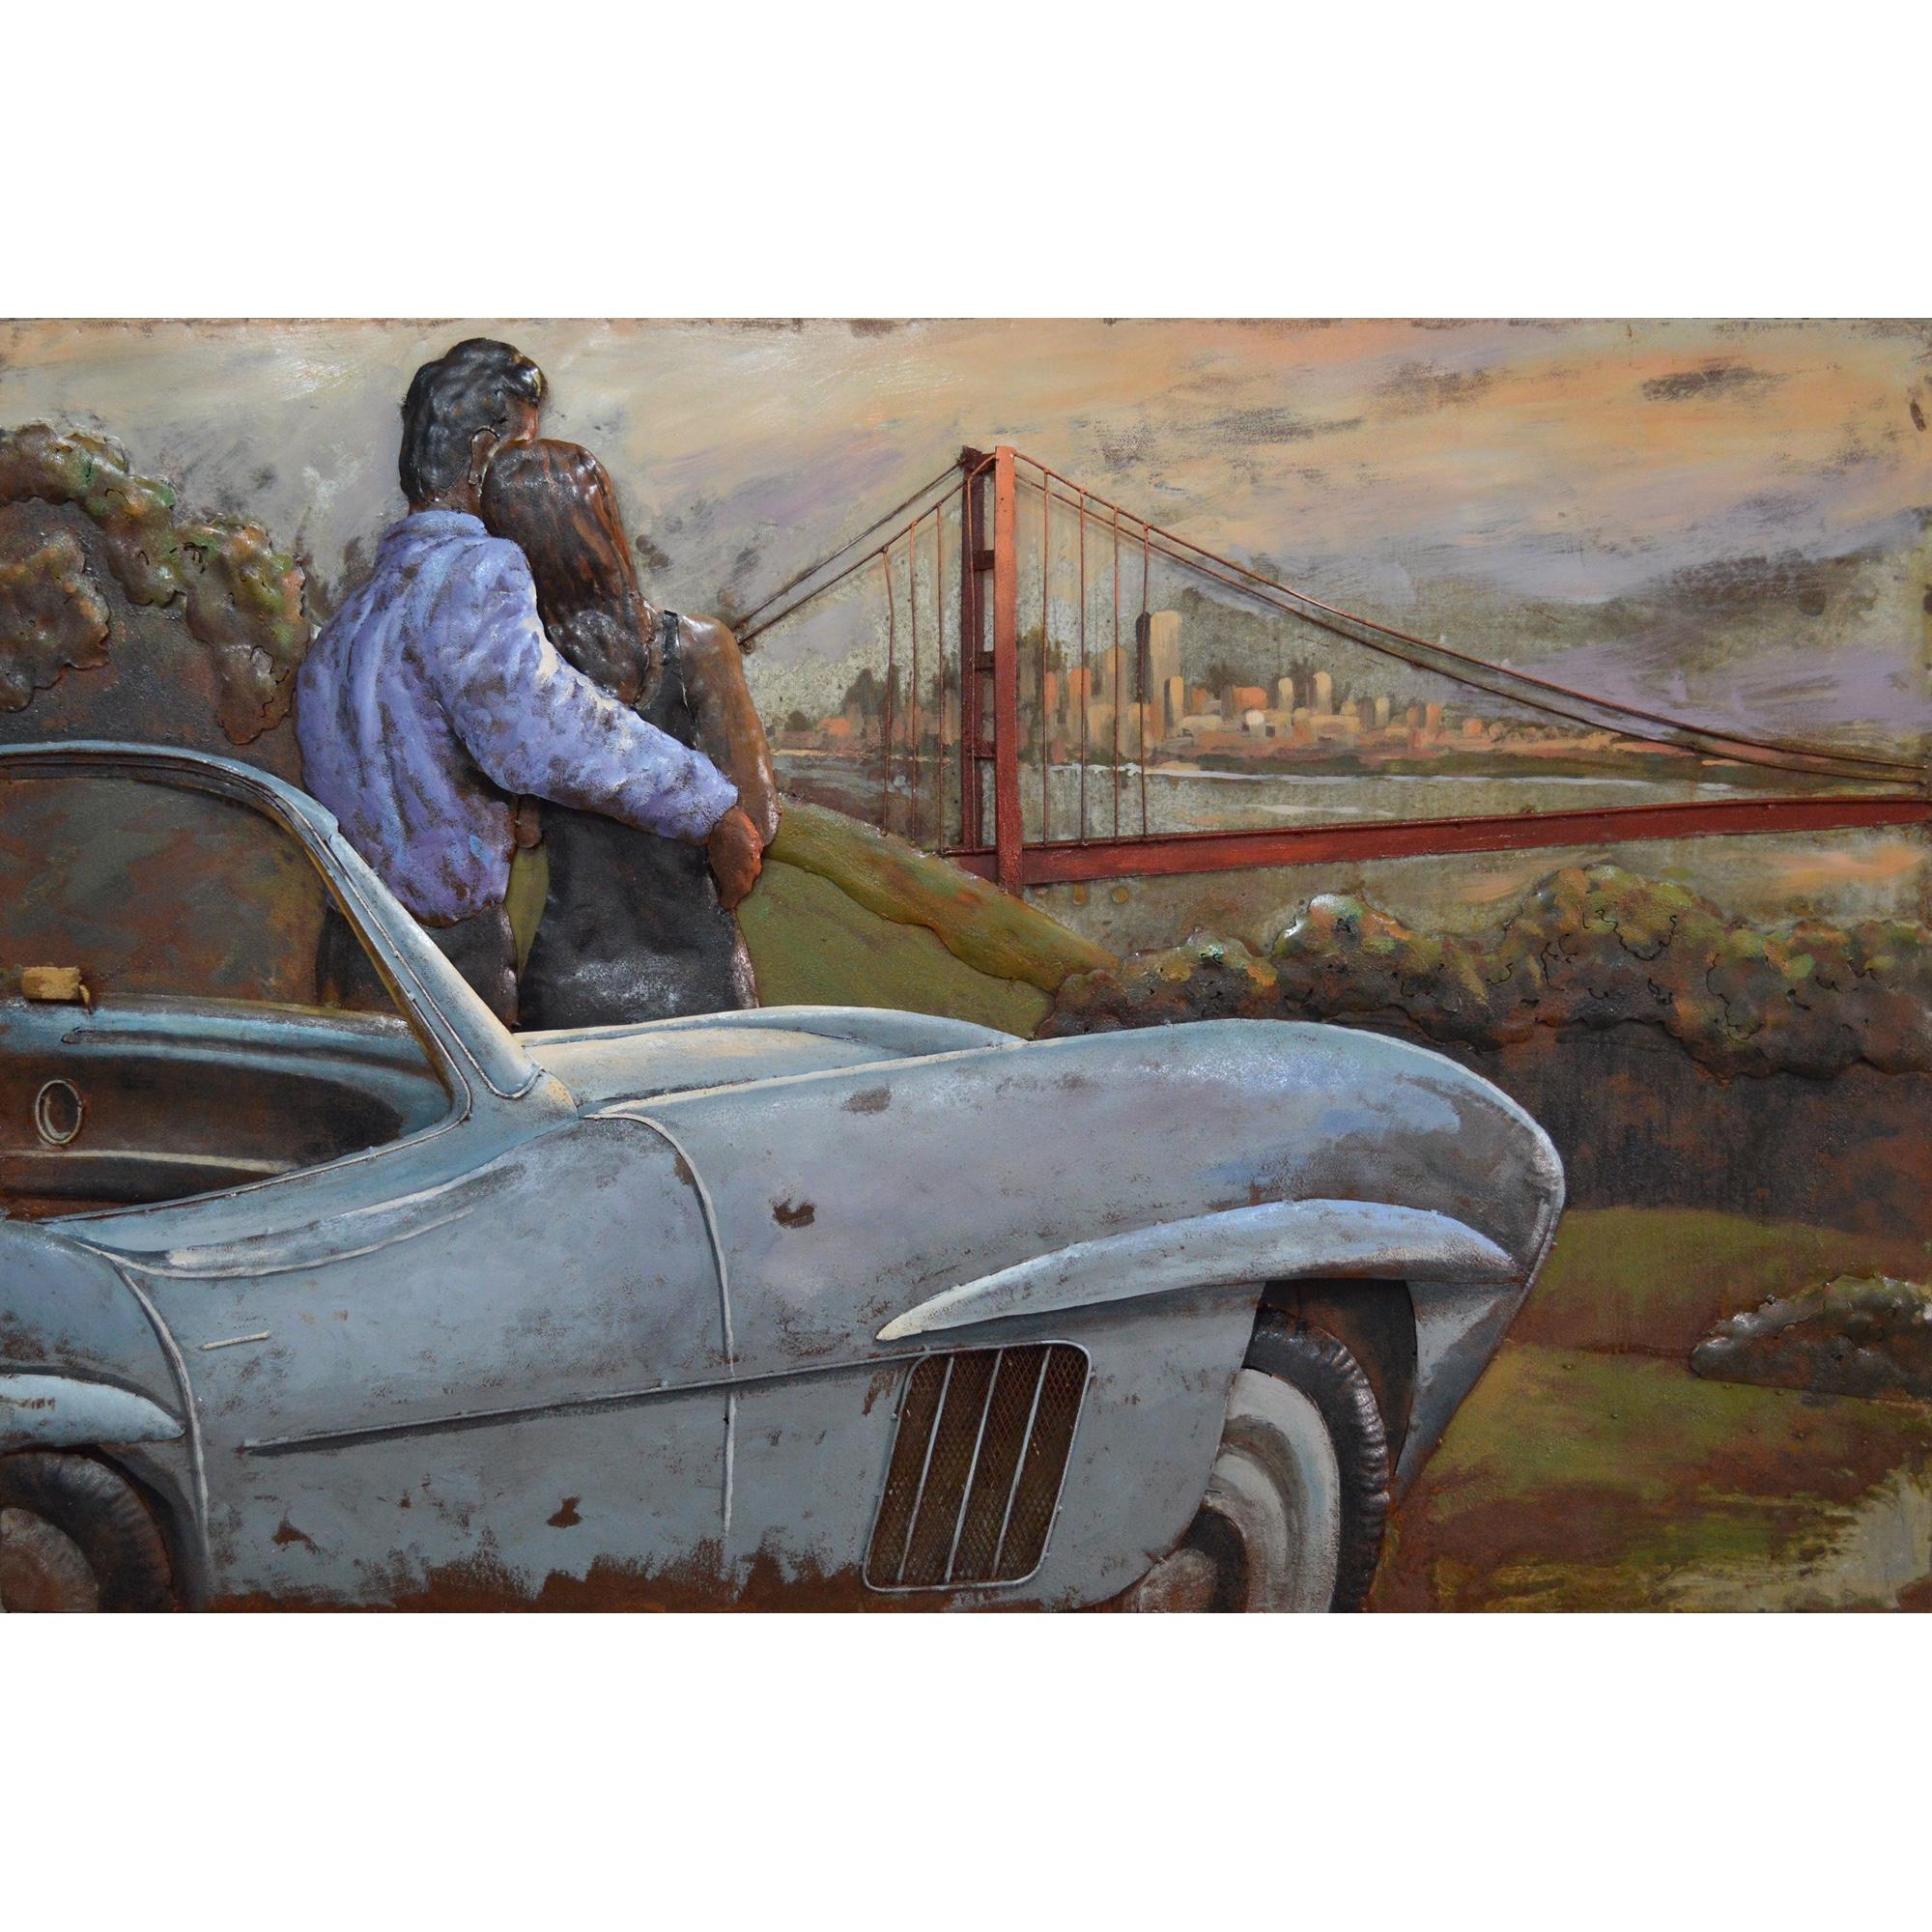 metal art 3d schilderij 39 golden gate bridge 39 80 x 120 cm van bellen art. Black Bedroom Furniture Sets. Home Design Ideas